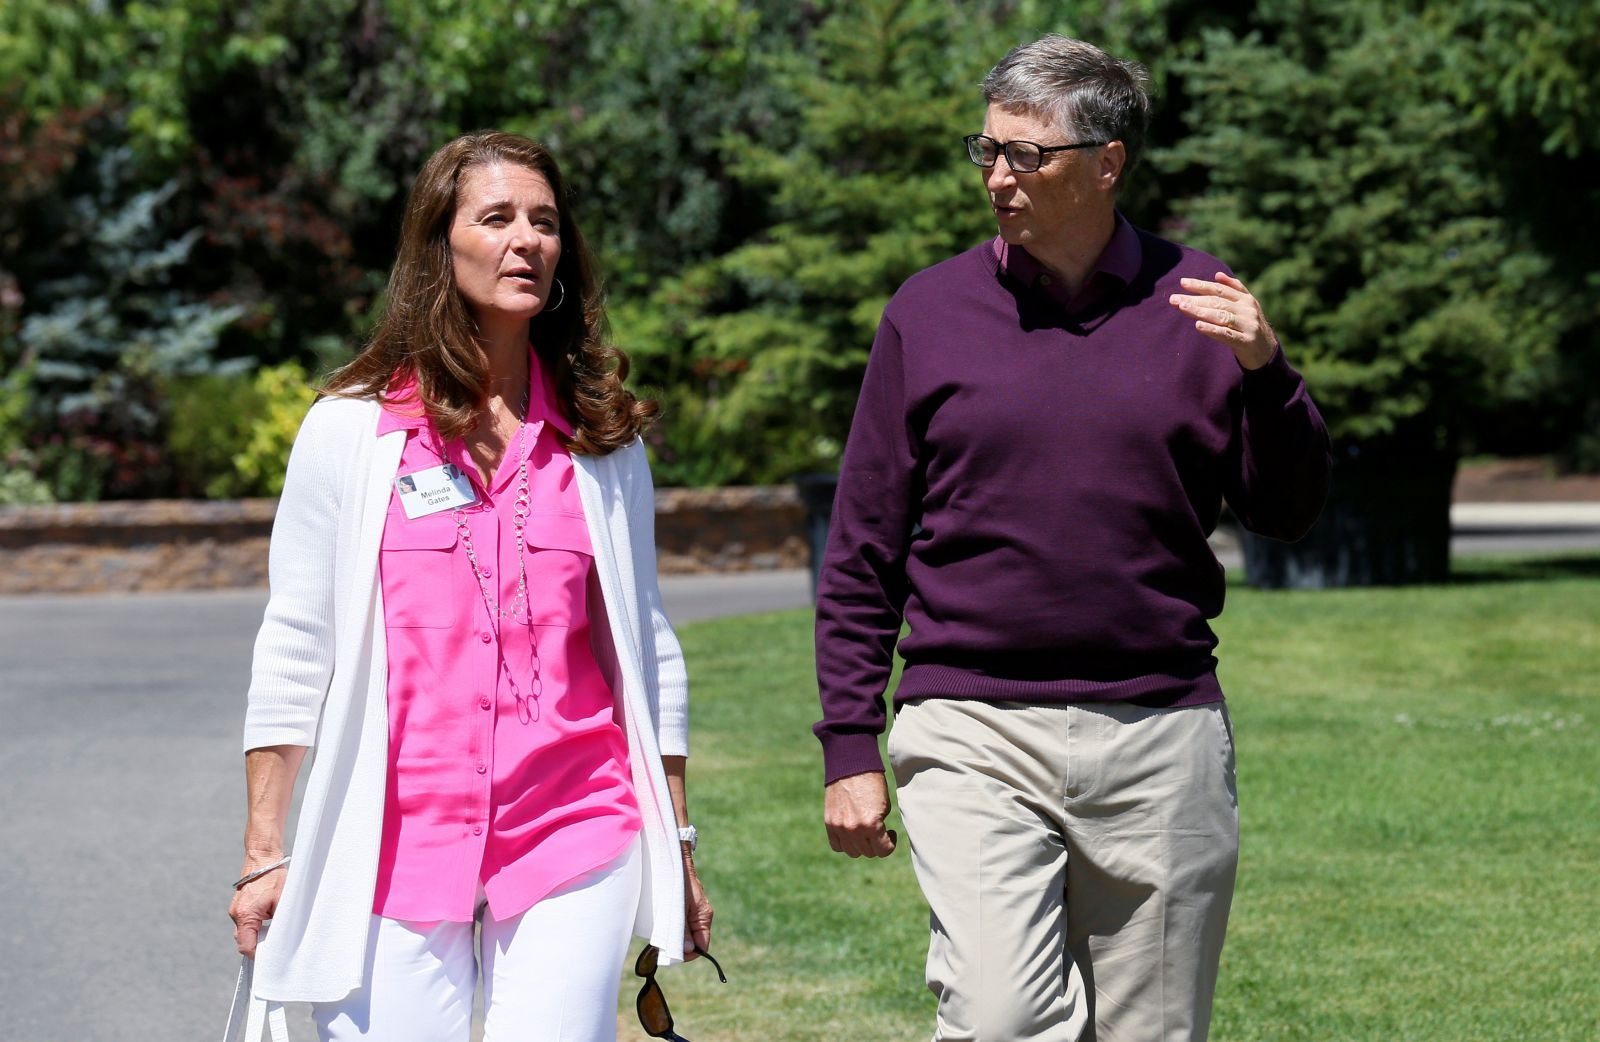 Филантроп, защитница прав женщин, жена знаменитого миллиардера и трижды мать: что известно о Мелинде Гейтс